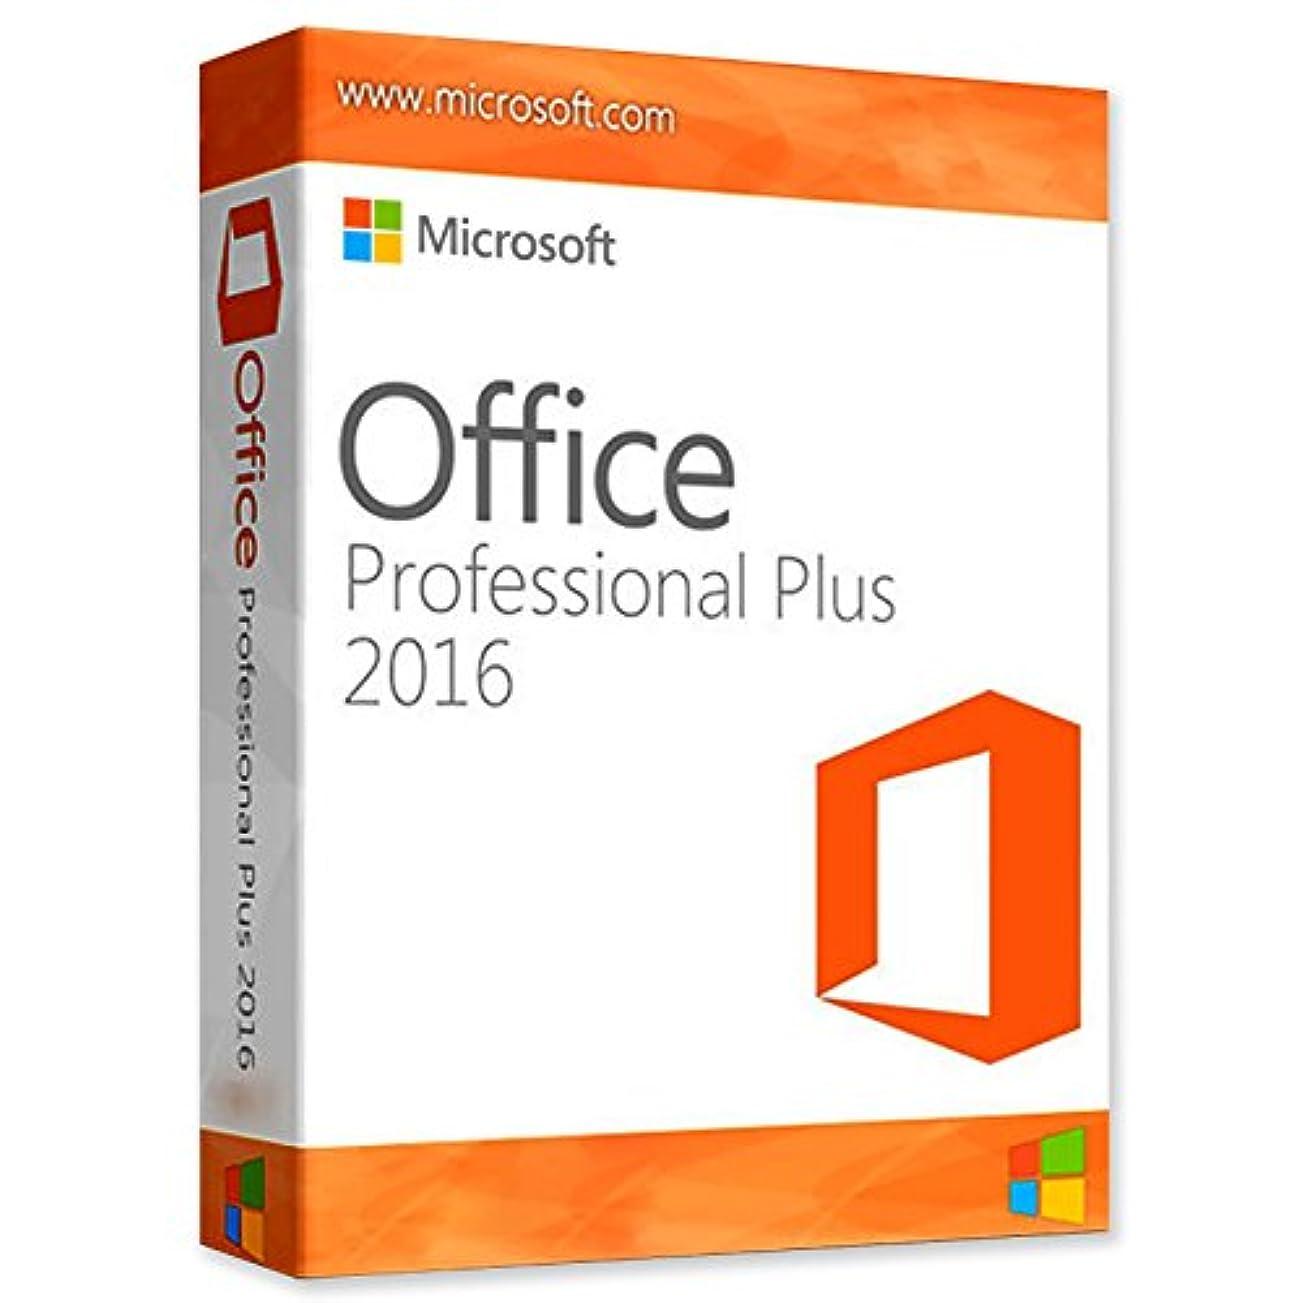 偏心グレートオーク事前にMicrosoft Office 2016 Professional Plus Product Key code E-mail